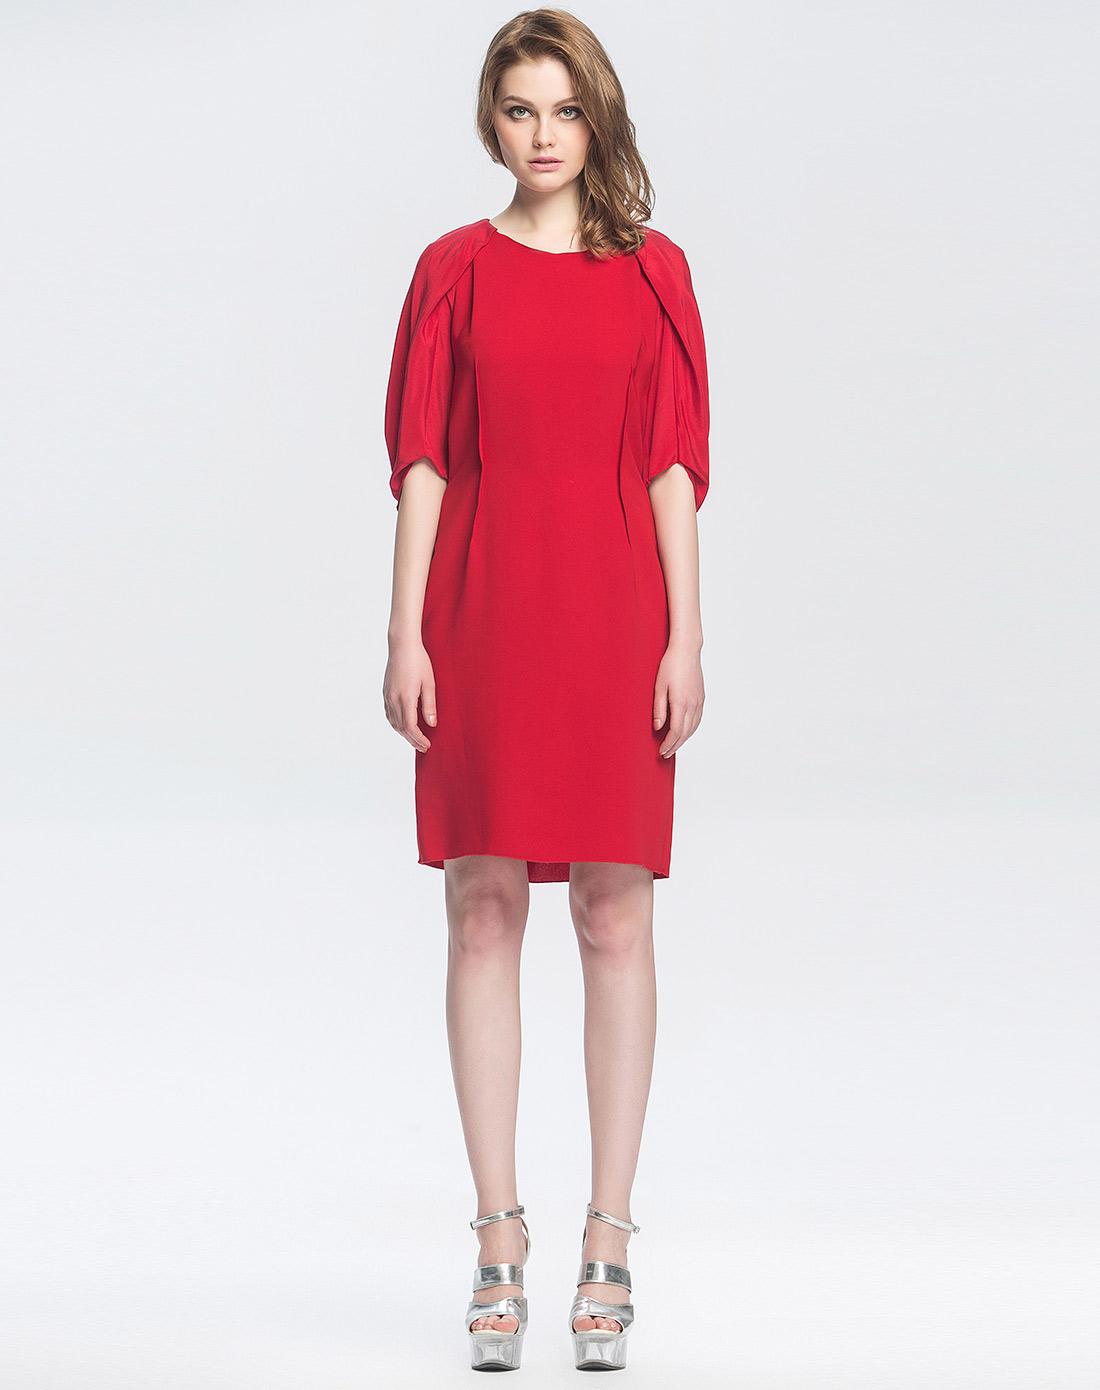 袖时尚_拼料红色柳肩中袖时尚连衣裙